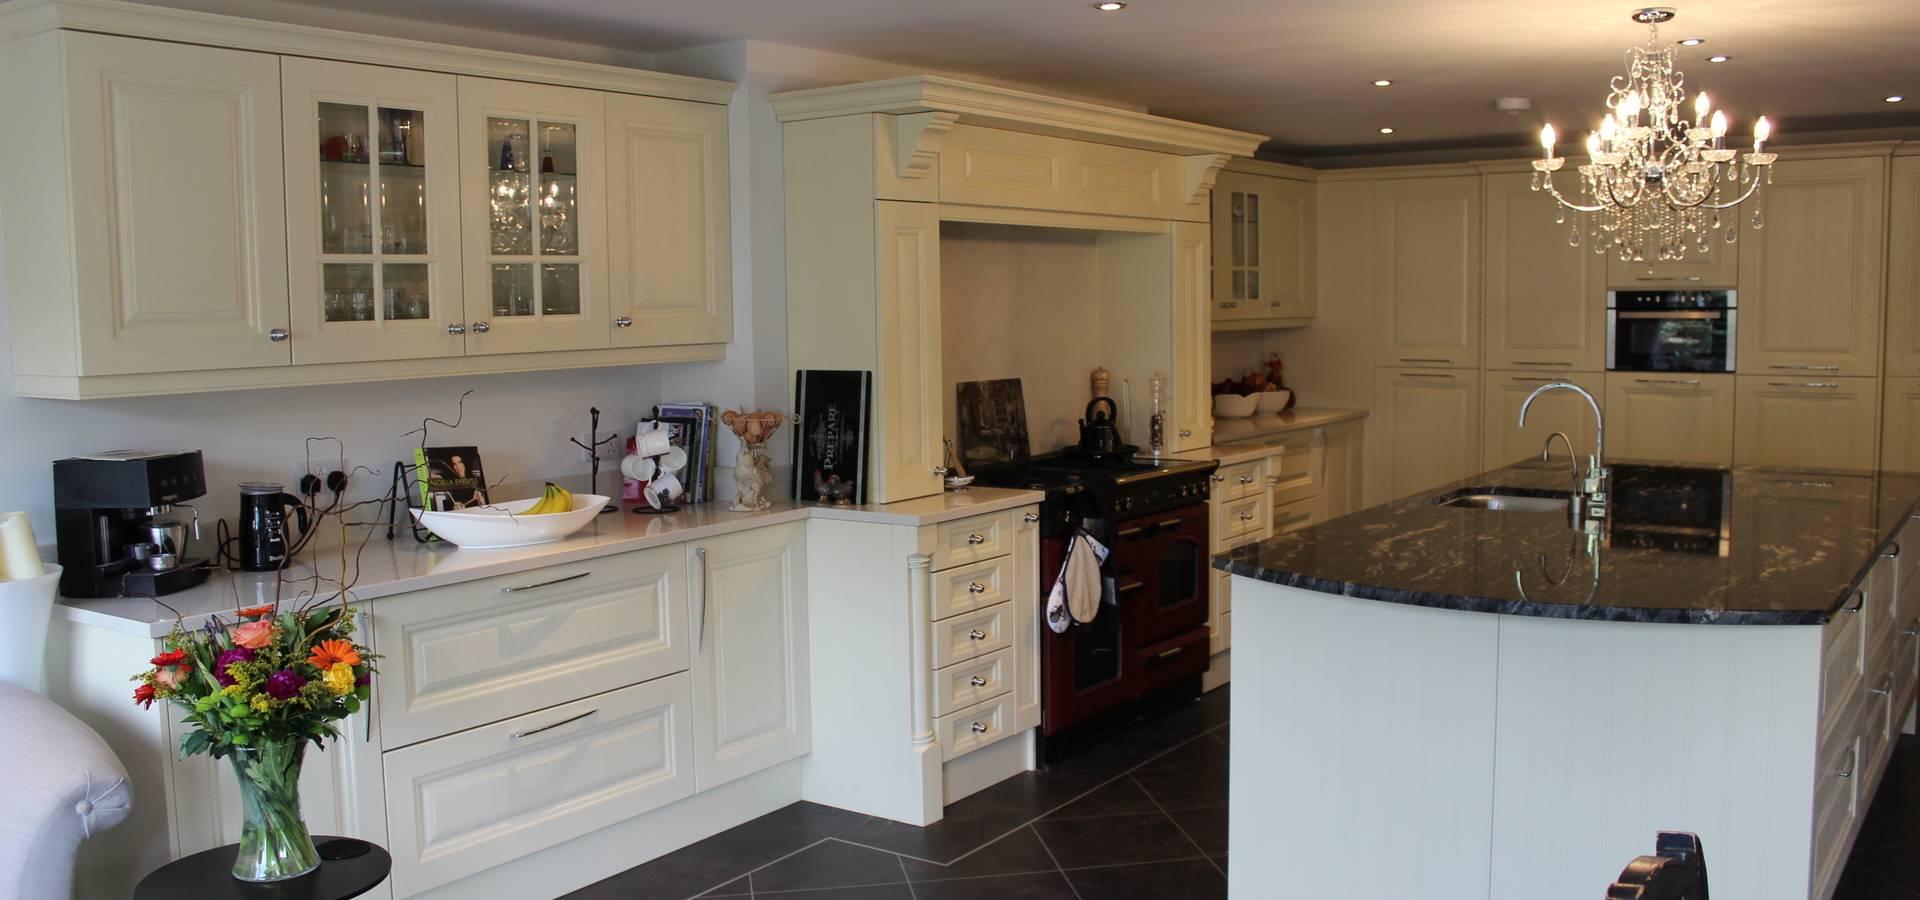 DM Design: Küchenplaner in Glasgow | homify